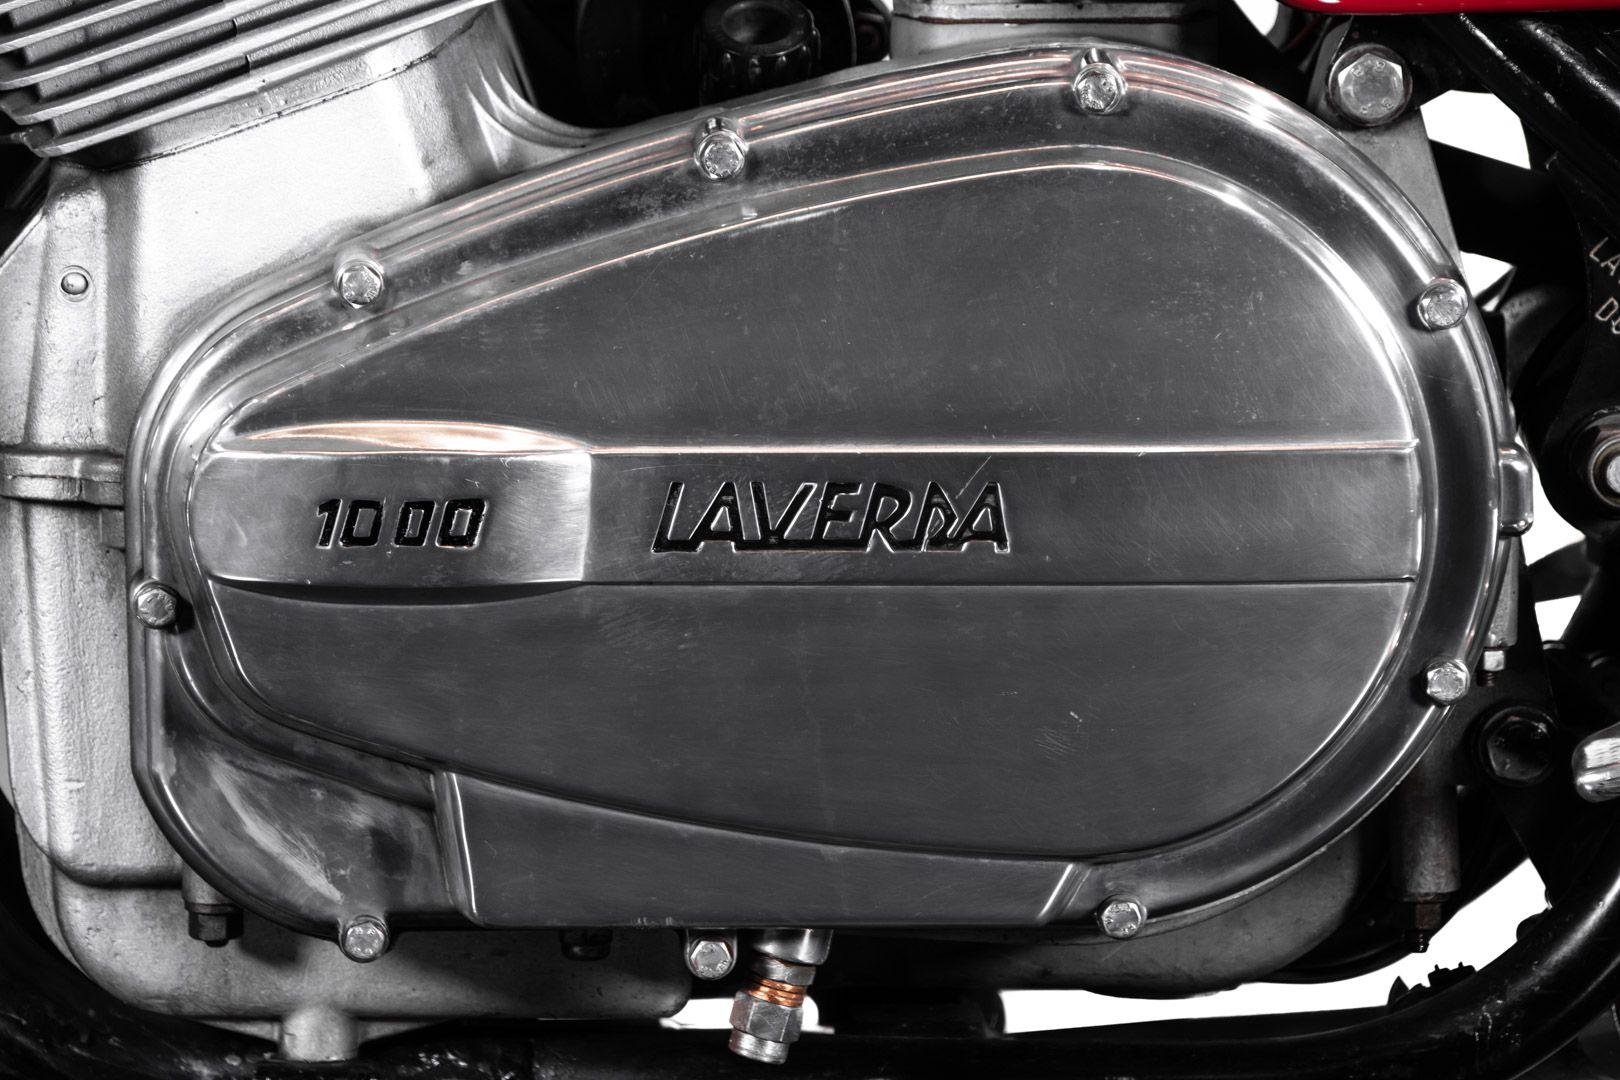 1975 Laverda 1000 83406